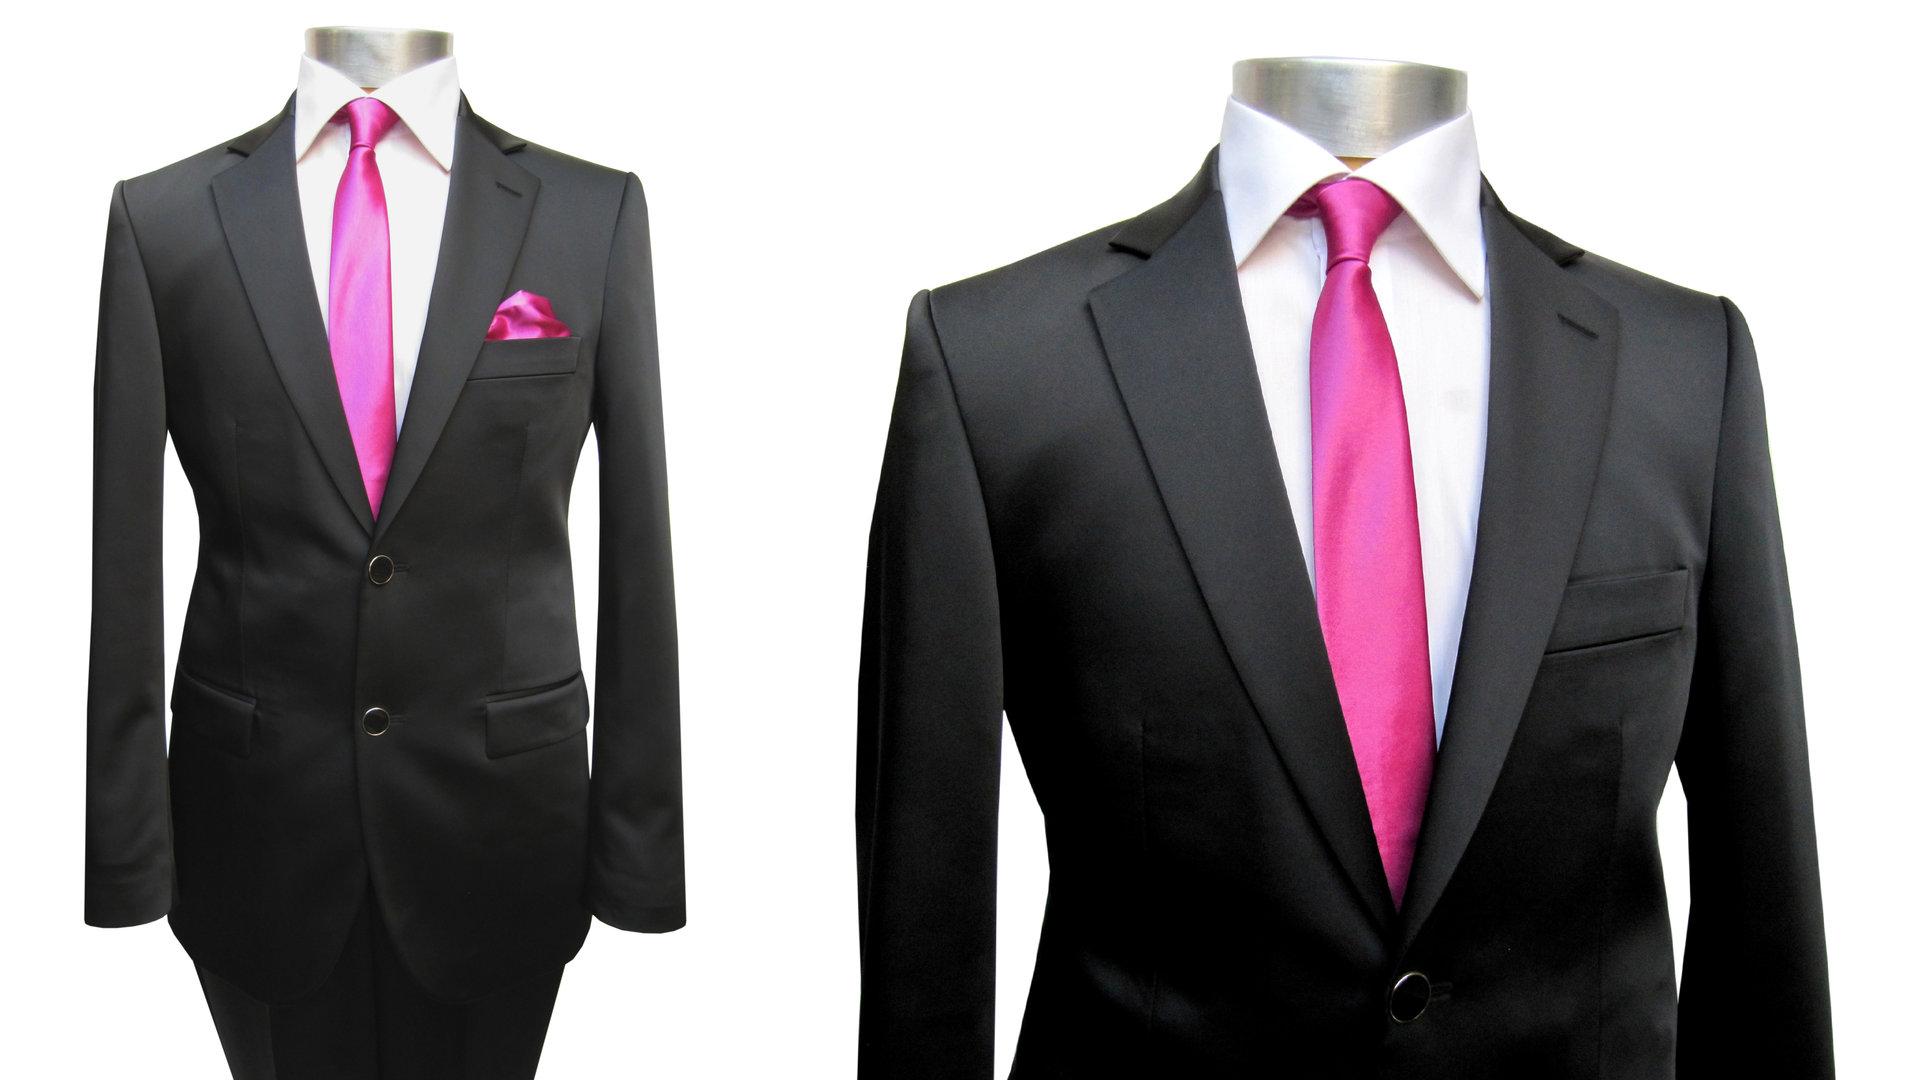 buy online b74ea 3aee8 Muga Herren Glanz Hochzeitsanzug Schwarz - Herrenausstatter